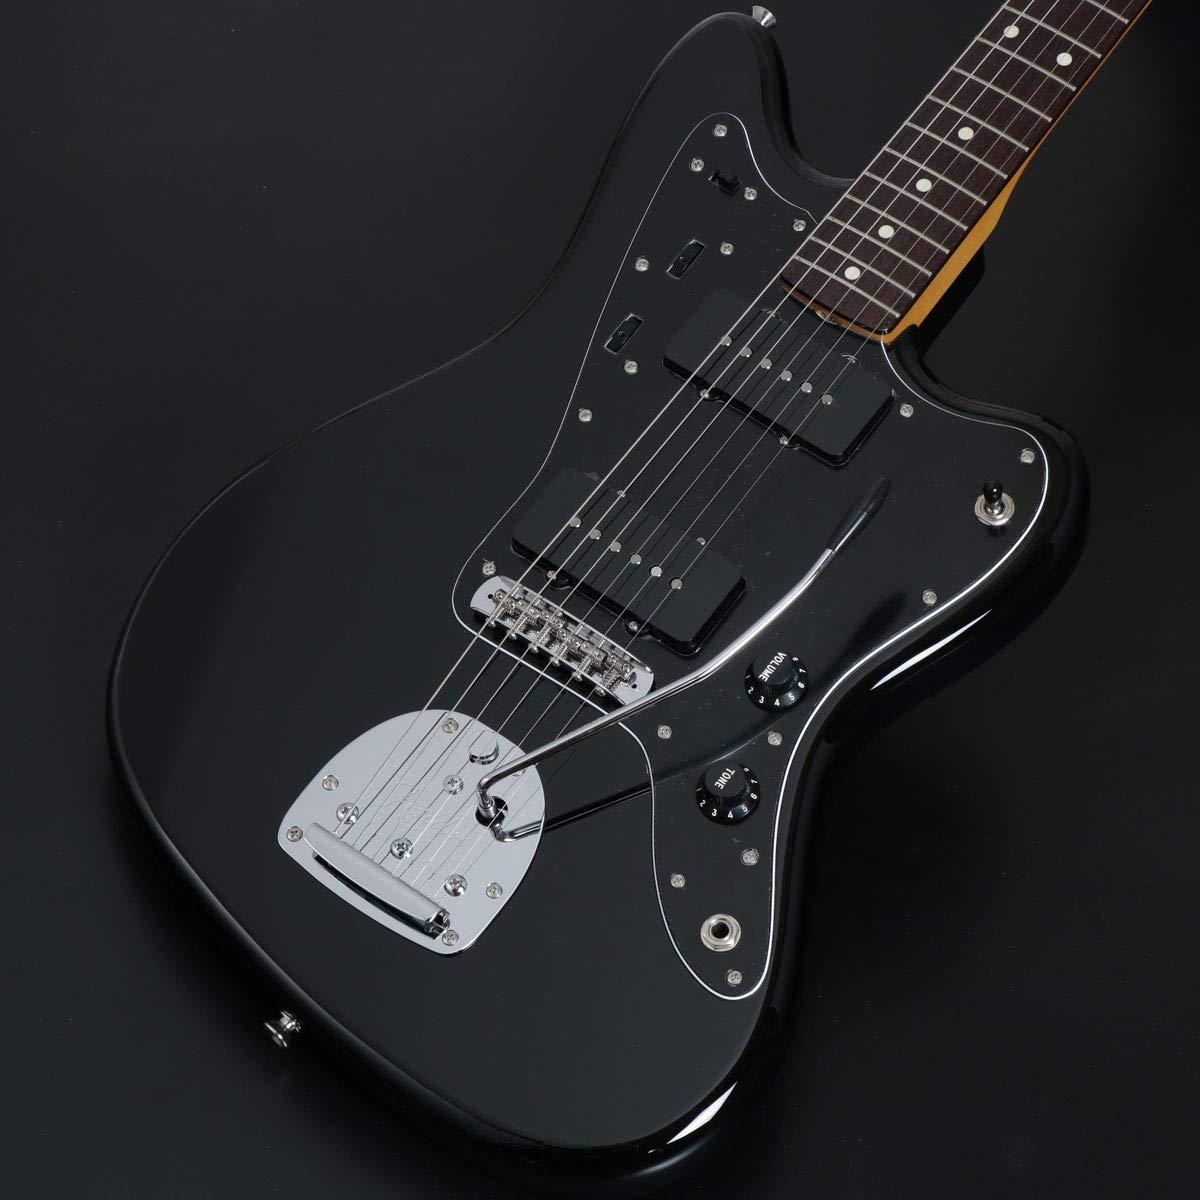 Fender Japan/Made in フェンダー Japan FSR Traditional 60s B07K7JH5FM Jazzmaster Black フェンダー B07K7JH5FM, カミミノチグン:074312c7 --- pvosasco.org.br